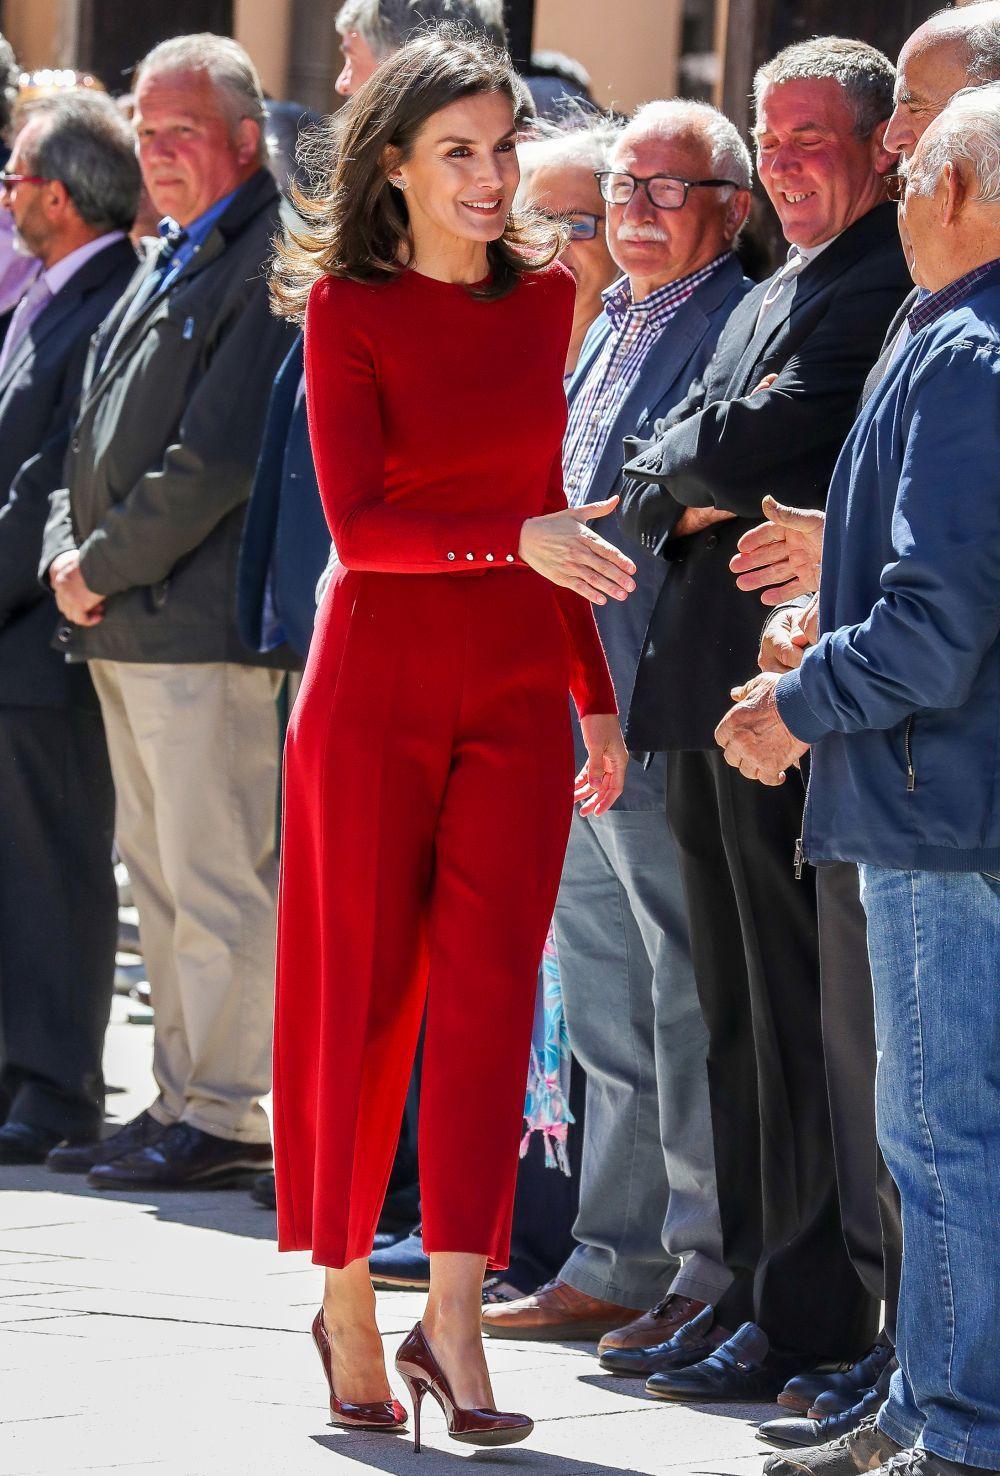 La reina Letizia con un look rojo.